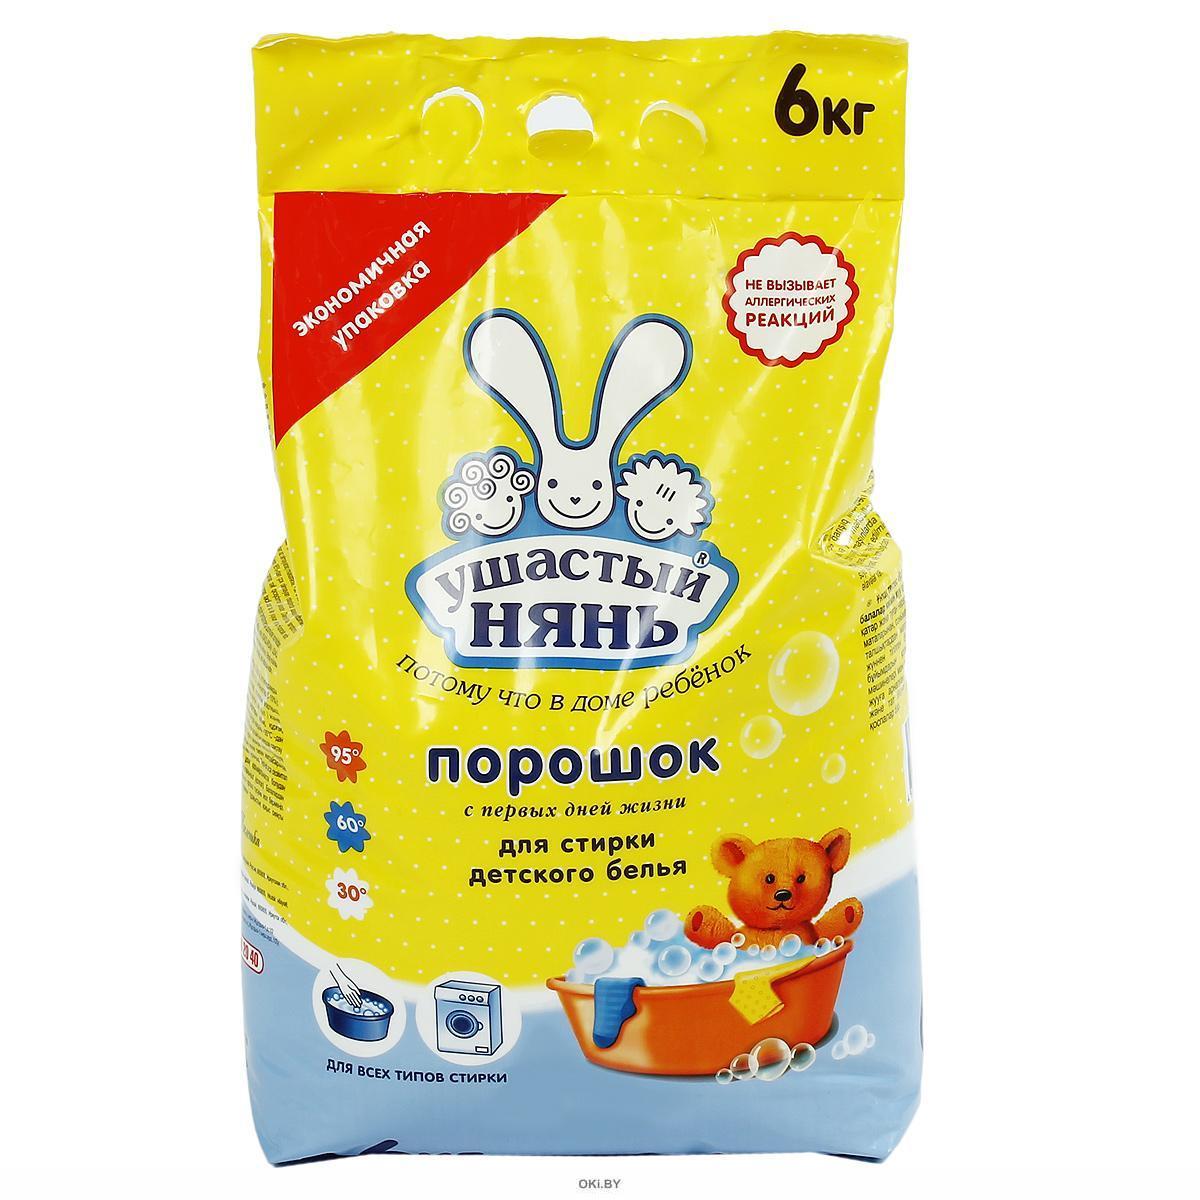 Средство для стирки детского белья порошкообразное 6,0кг пакет «УШАСТЫЙ НЯНЬ»